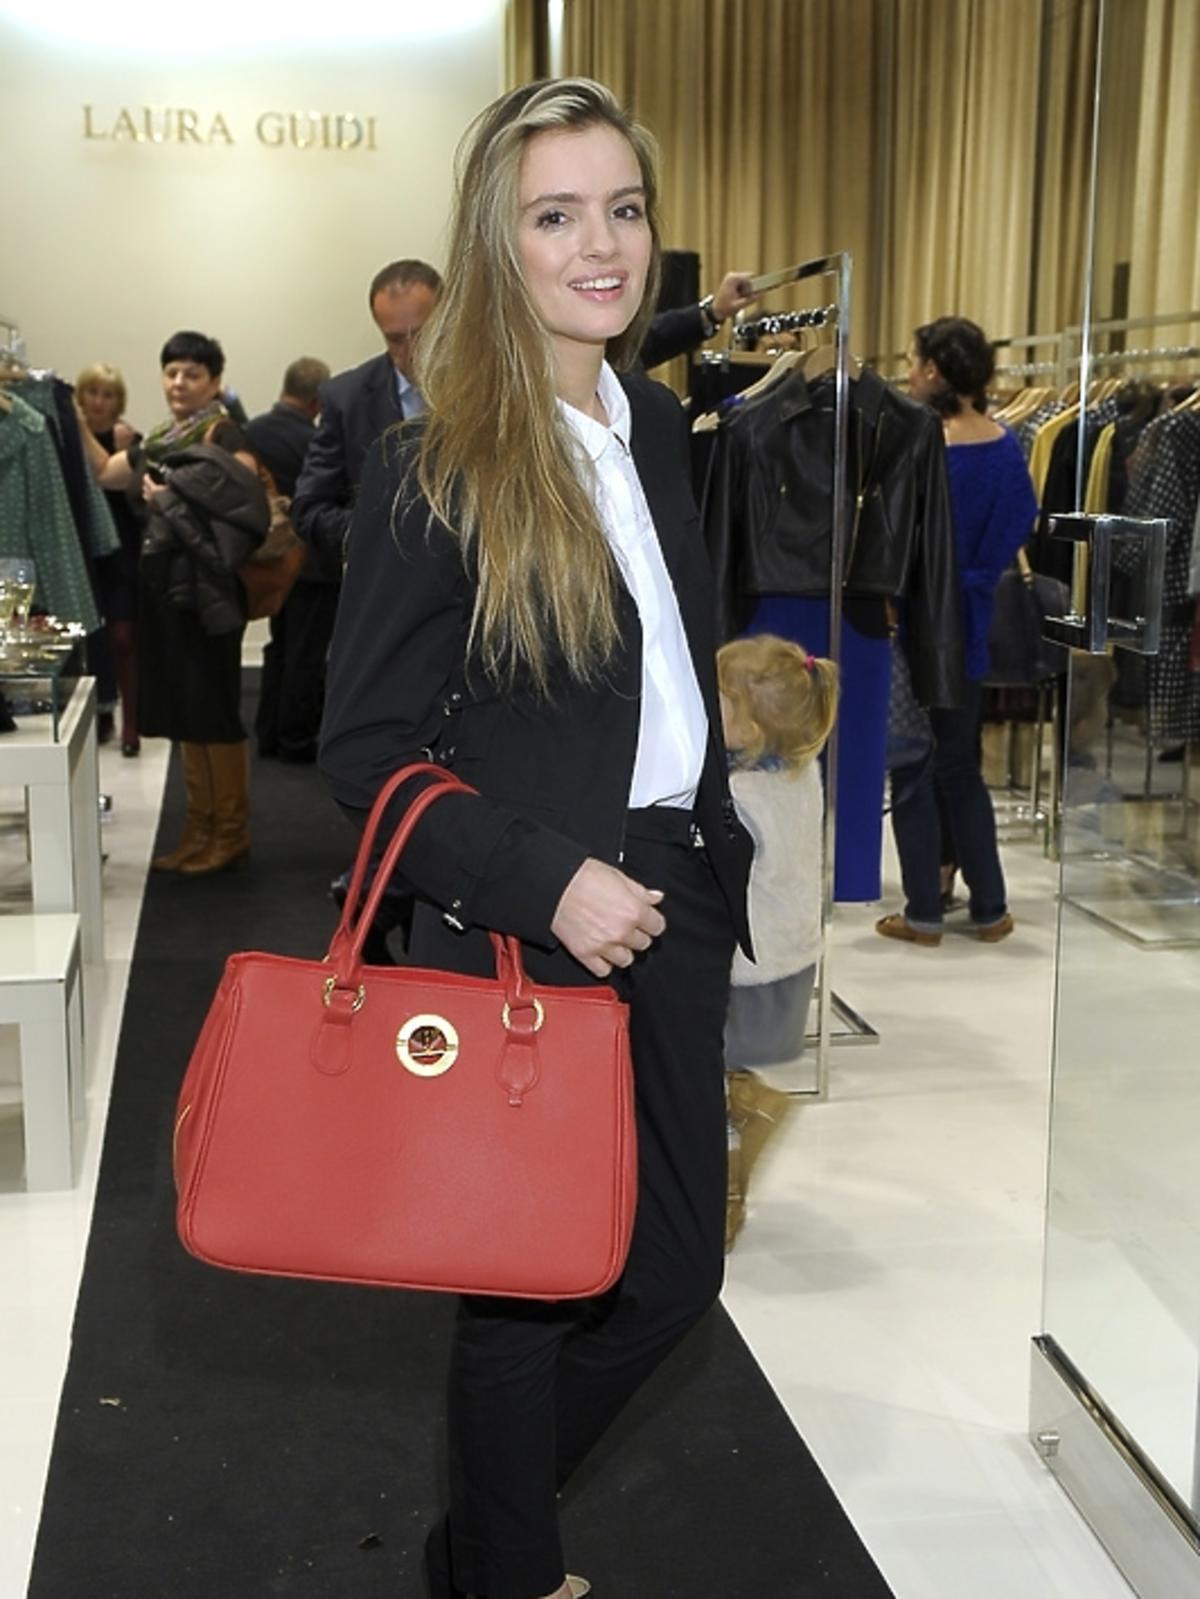 Maria Niklińska na prezentacji kolekcji Laura Guidi